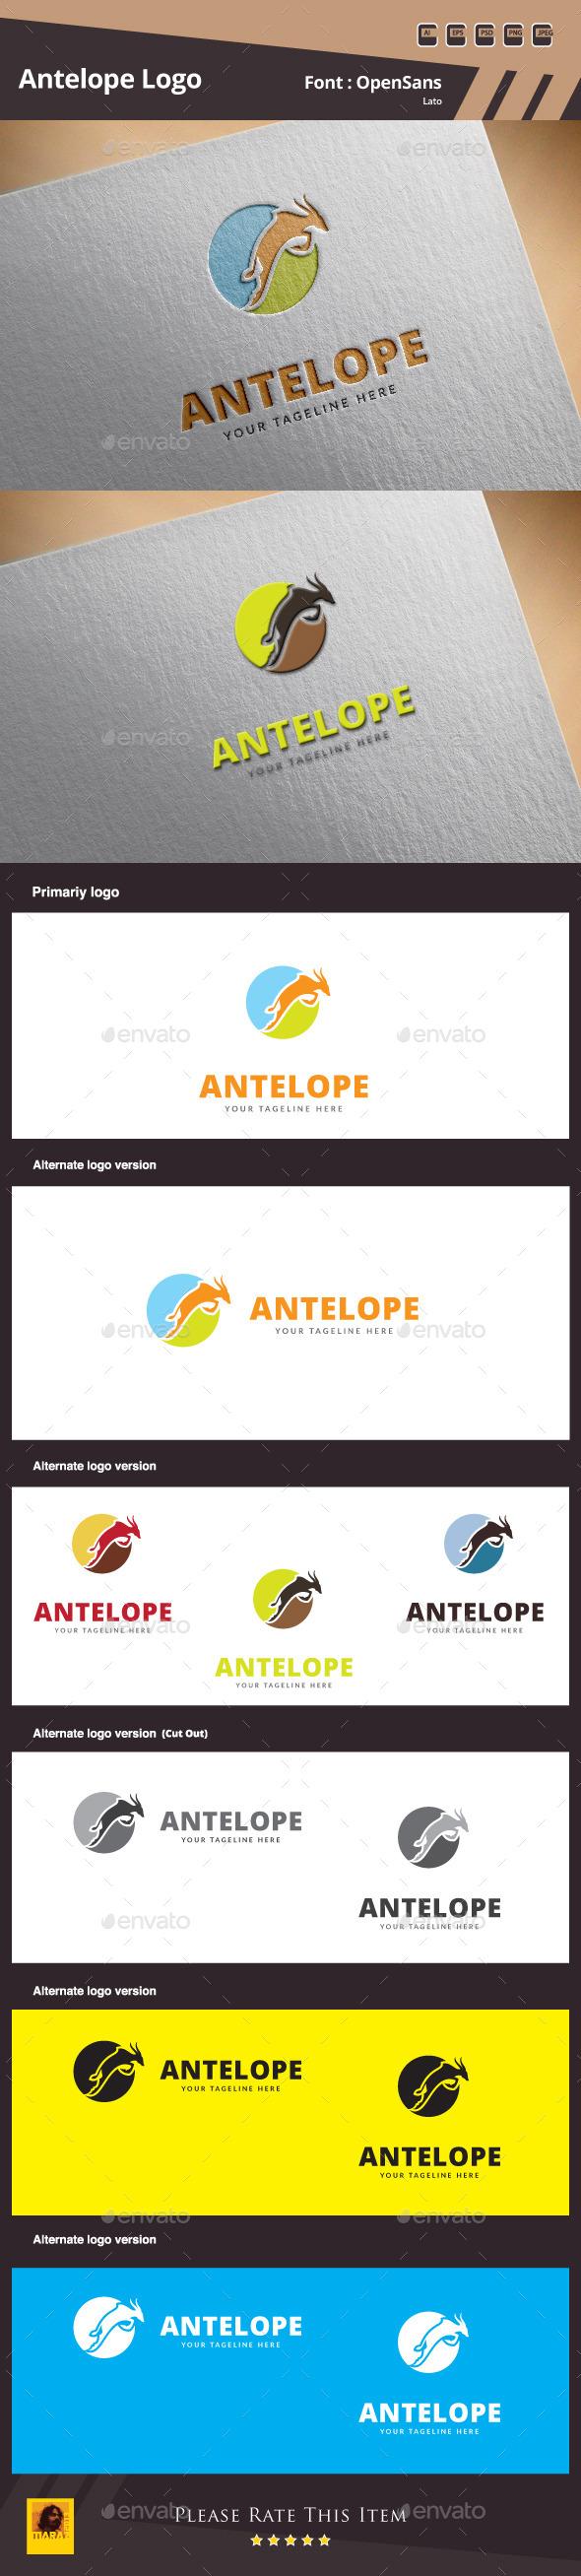 Antelope Logo Template